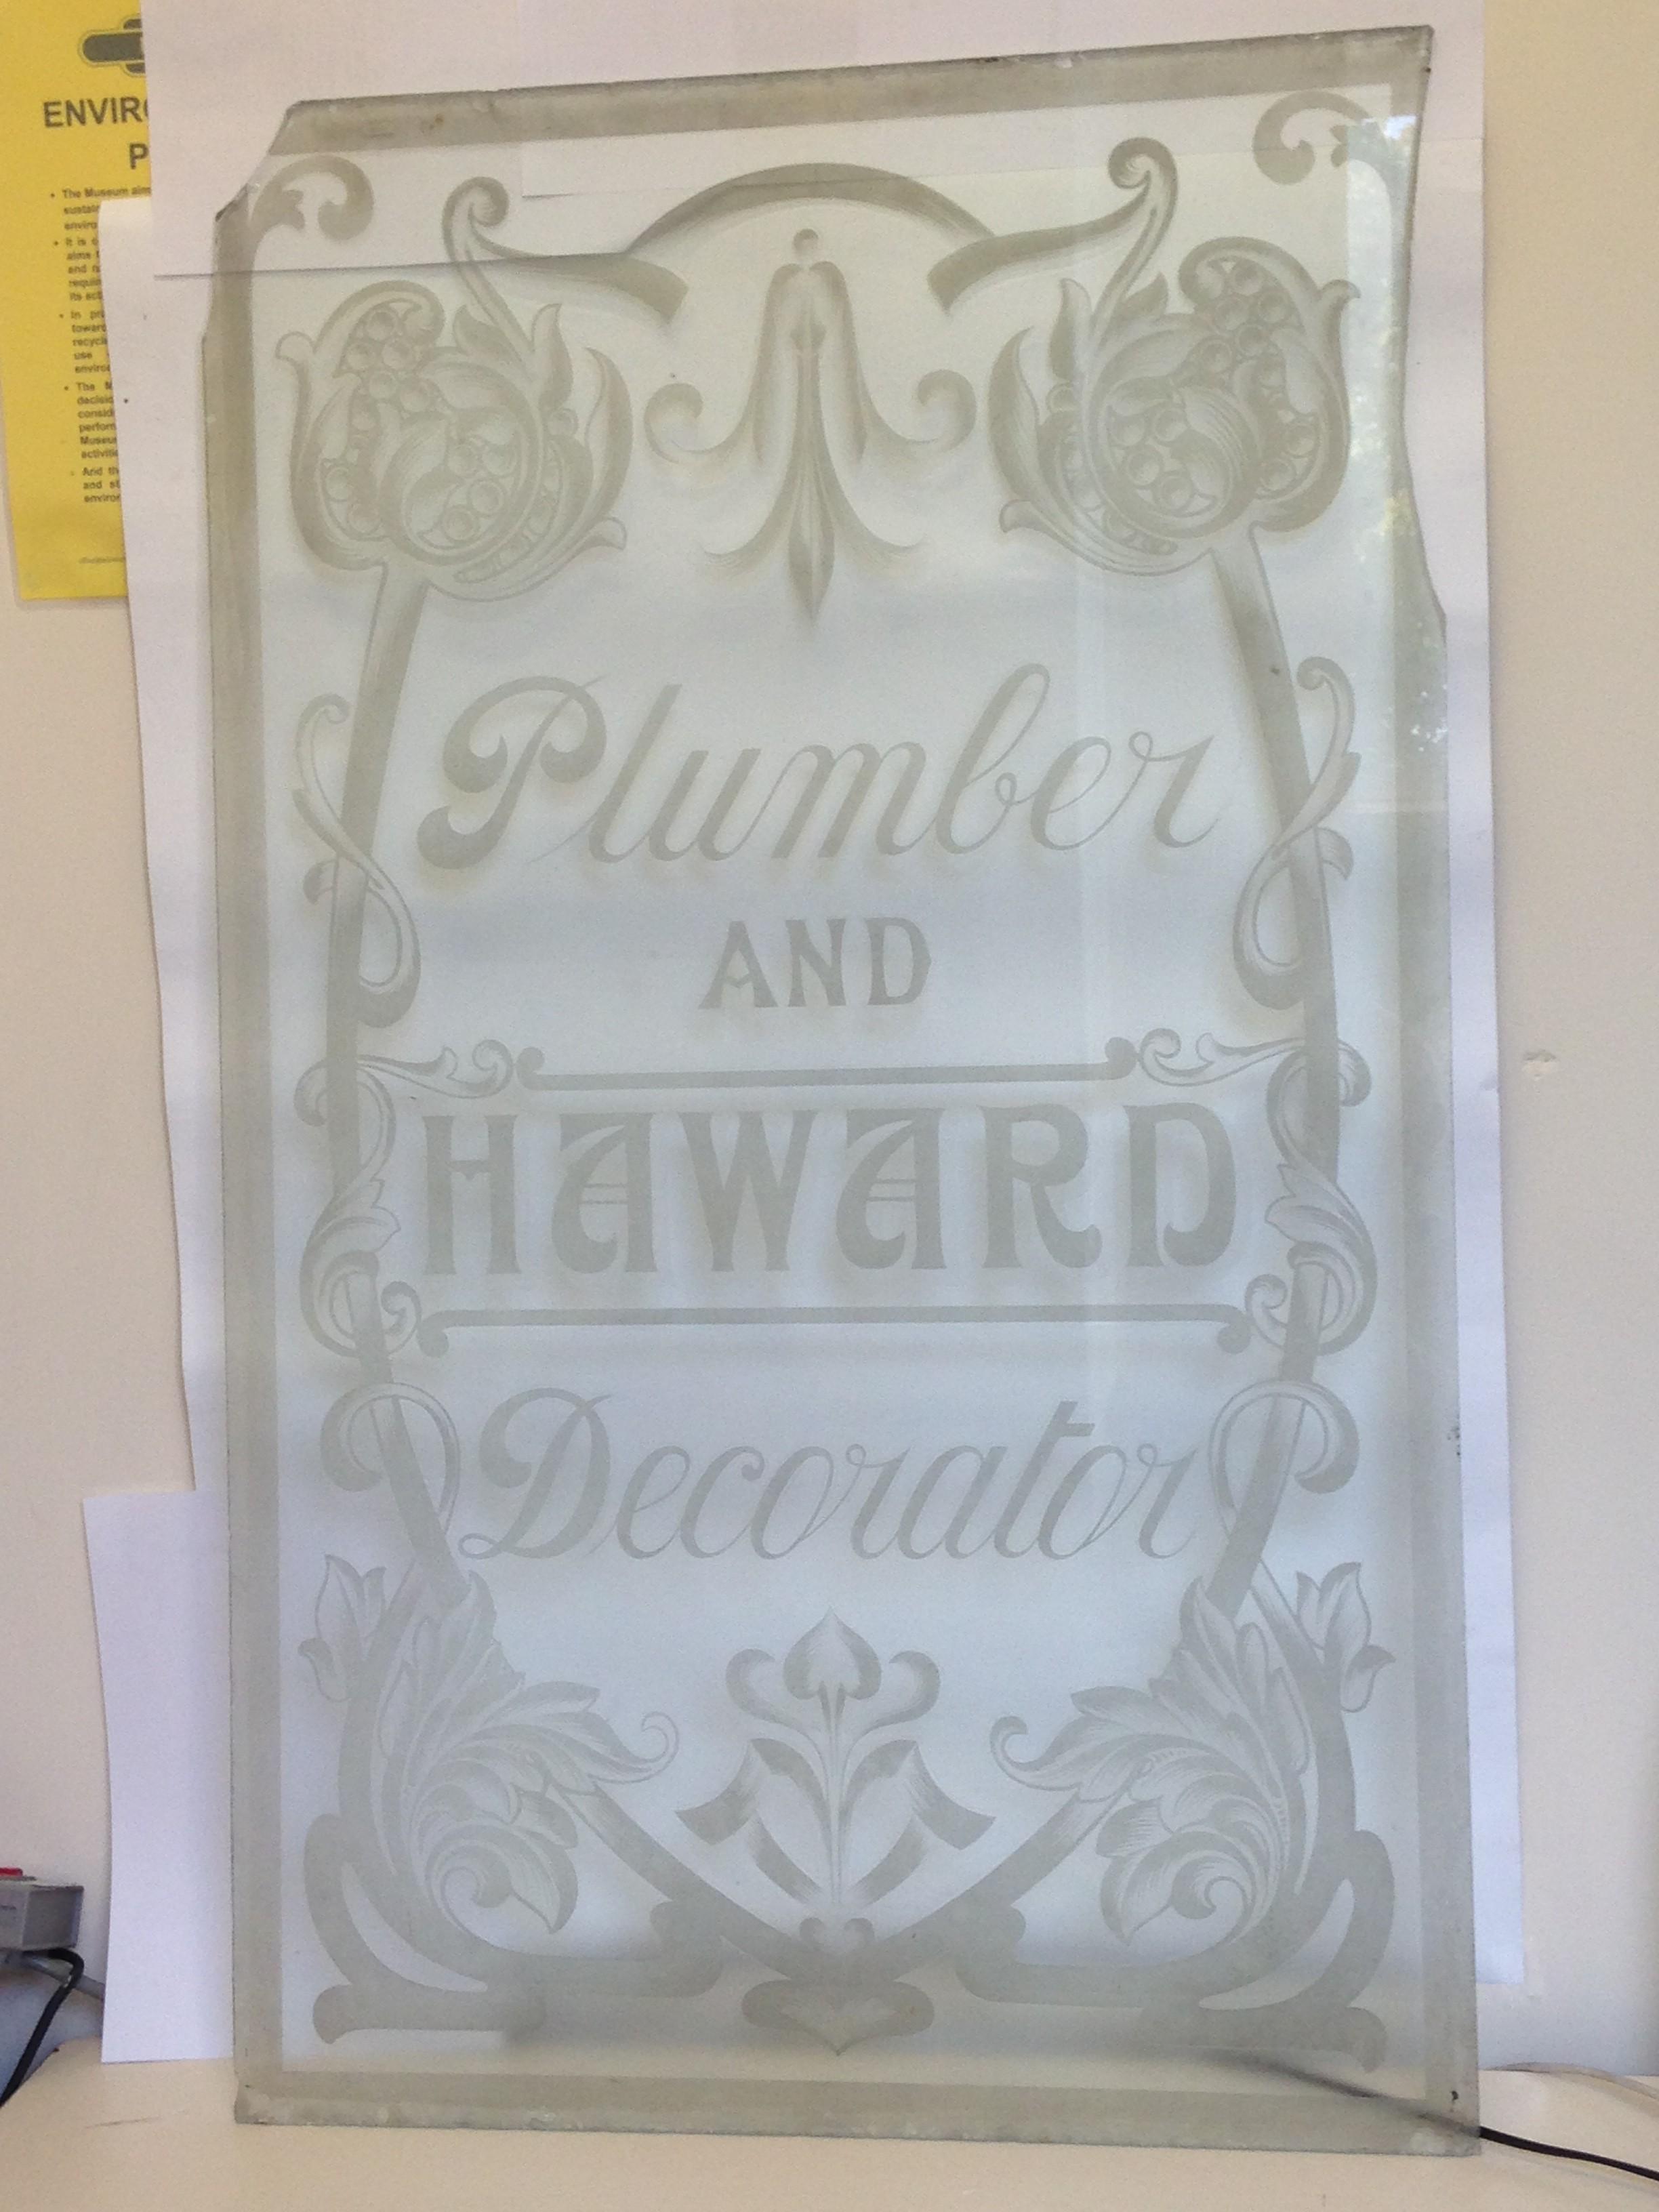 Haward Plumbers and Decorators Door Glass